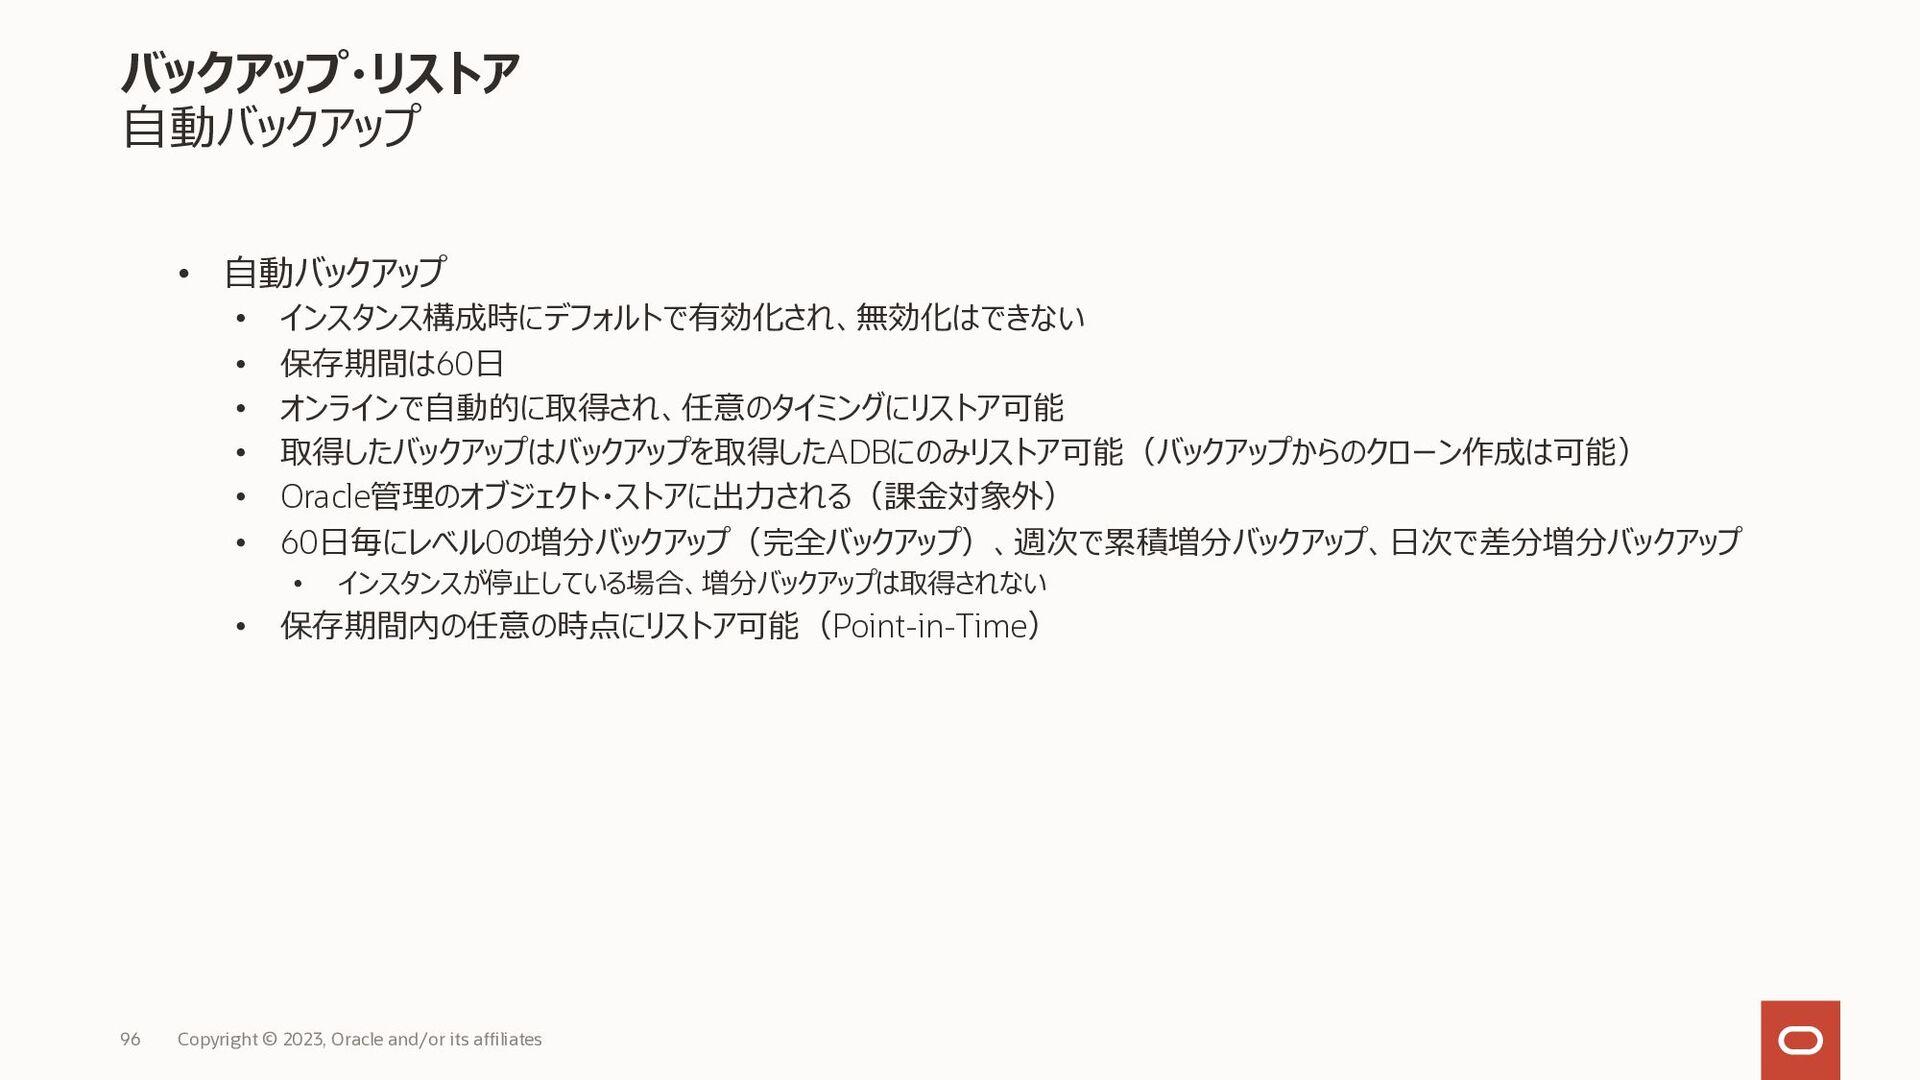 データ移行・連携 Copyright © 2020, Oracle and/or its af...